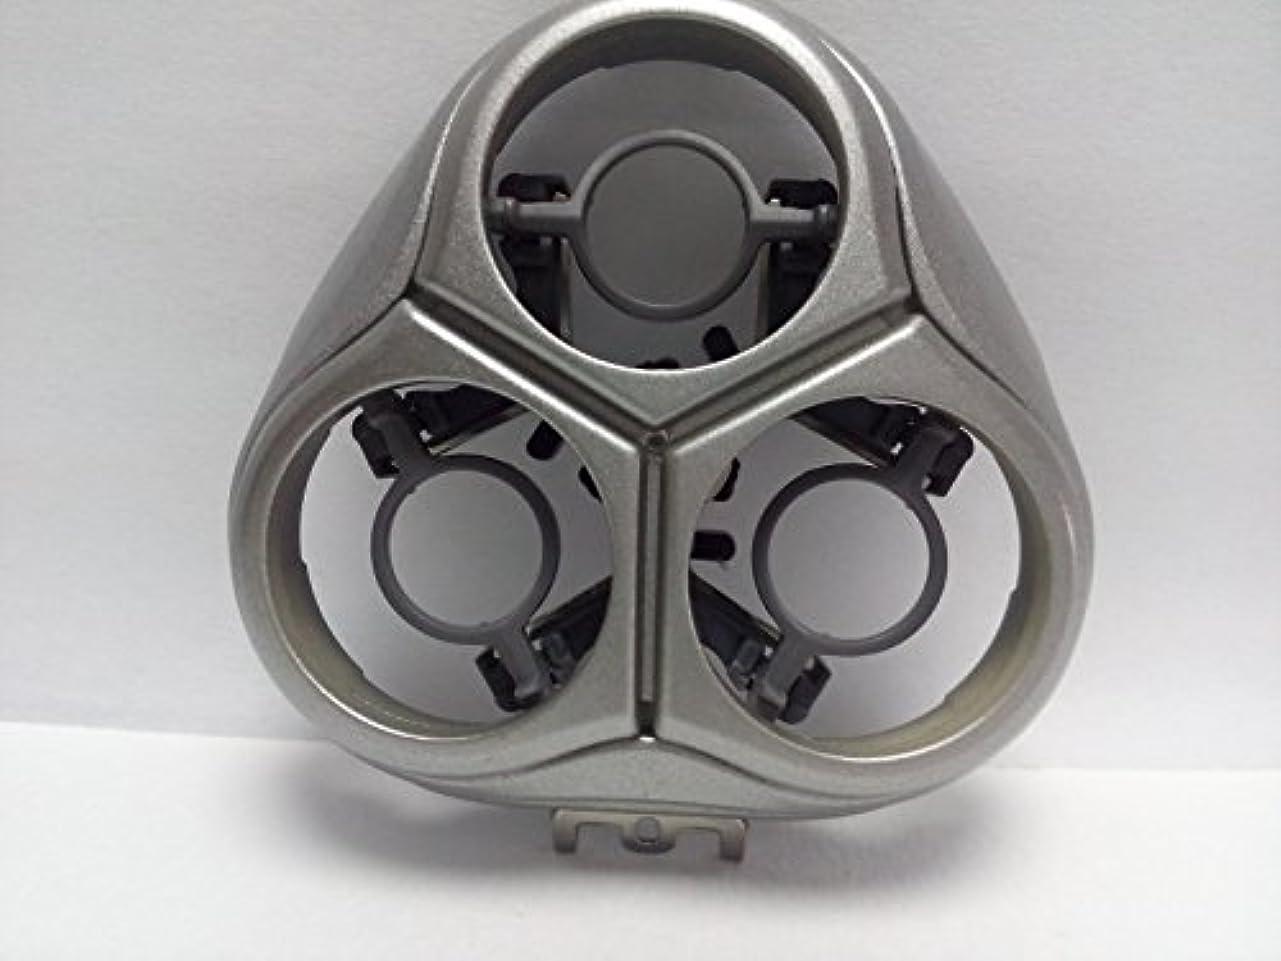 勇気反対するアクセシブルシェービングカミソリヘッドフレームホルダーカバー ブレードフレーム For Philips Norelco HQ8200 HQ8230 HQ8261 HQ8241 HQ8251 Shaver Razor Head blade...